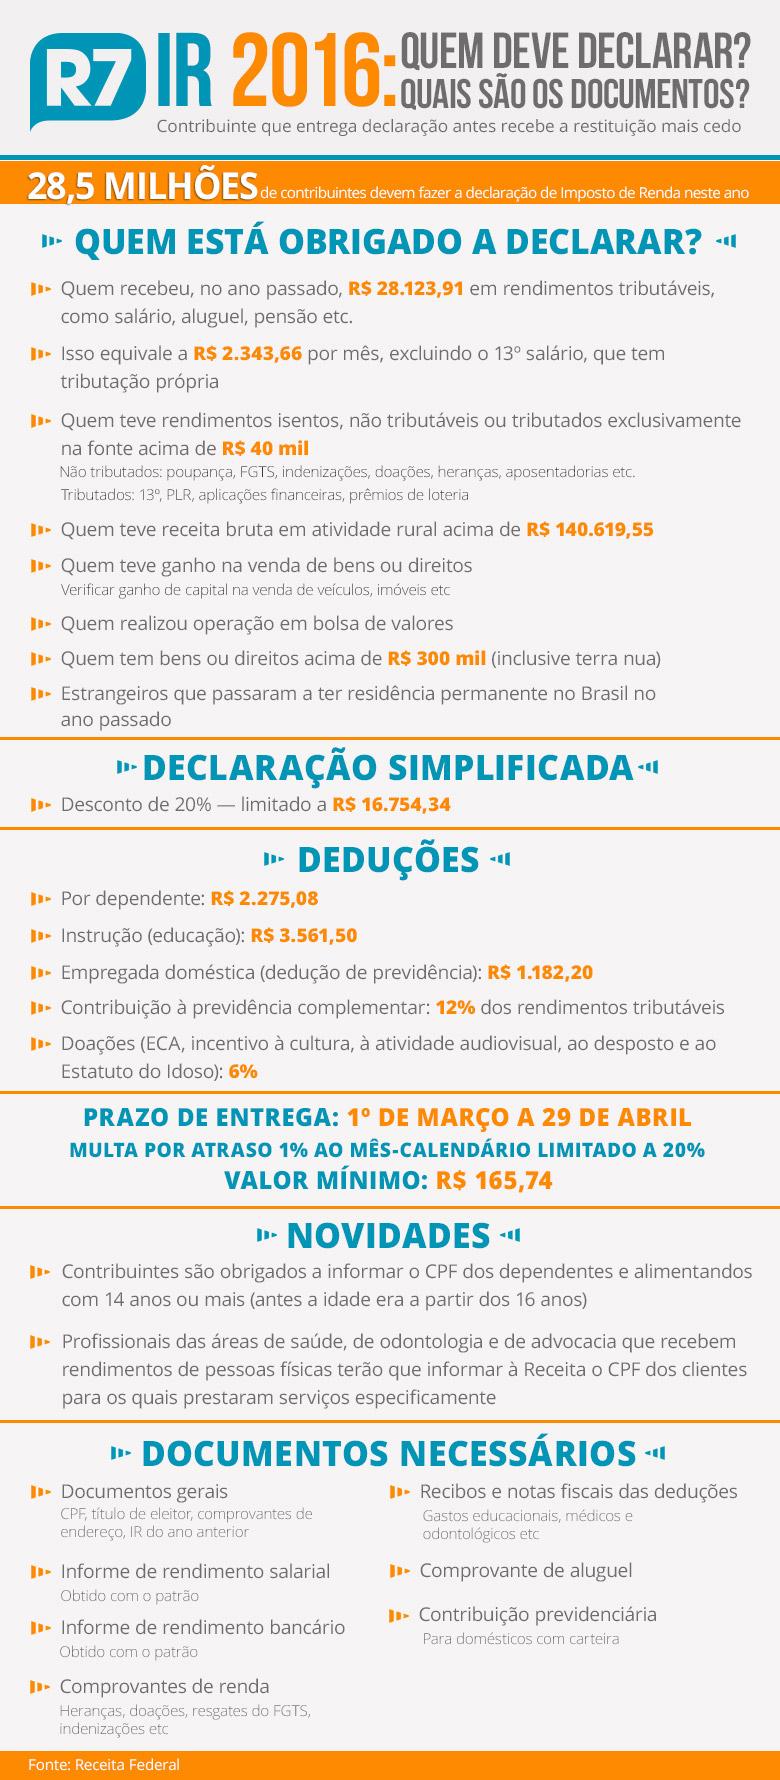 http://www.r7.com/r7/media/2016/20160216-Imposto-de-renda/20160216-Imposto-de-Renda.jpg